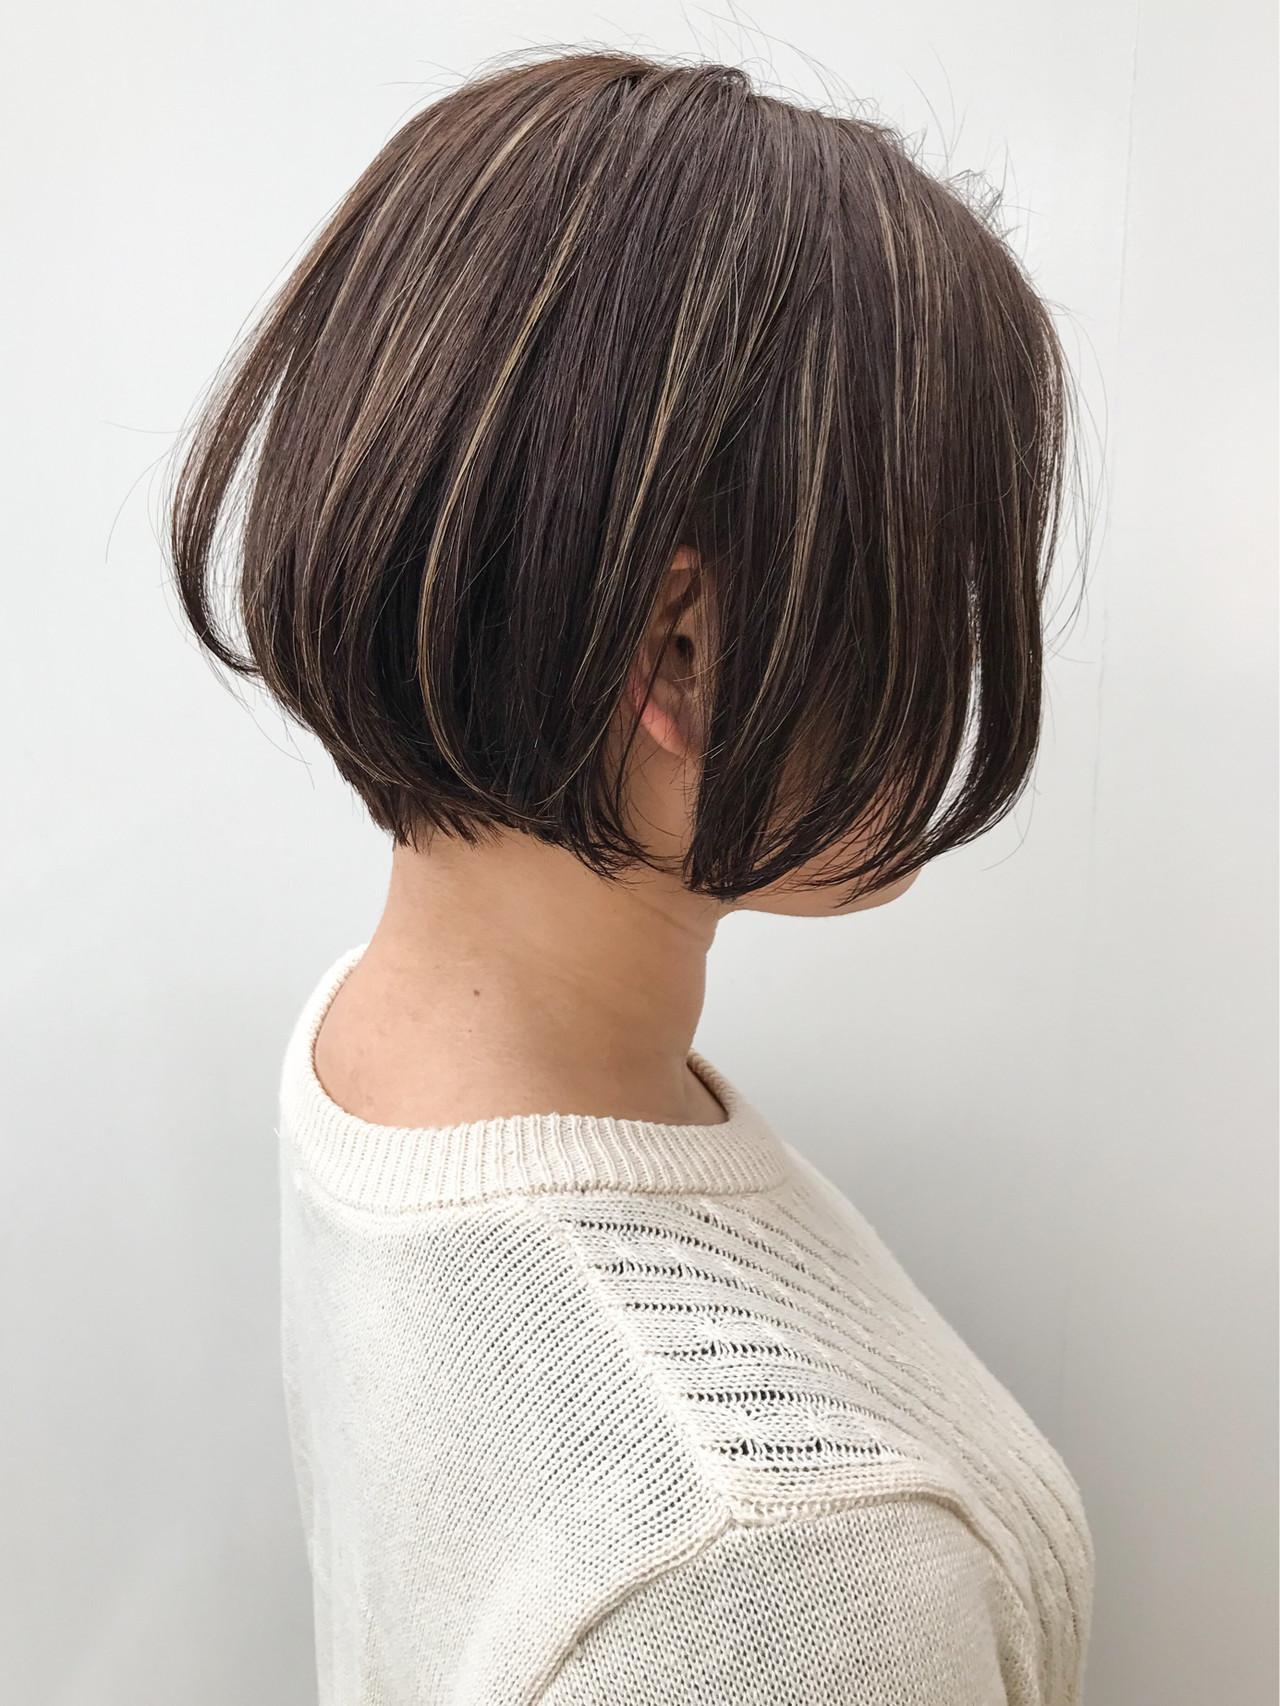 コンサバ ハイライト ショートボブ ボブ ヘアスタイルや髪型の写真・画像